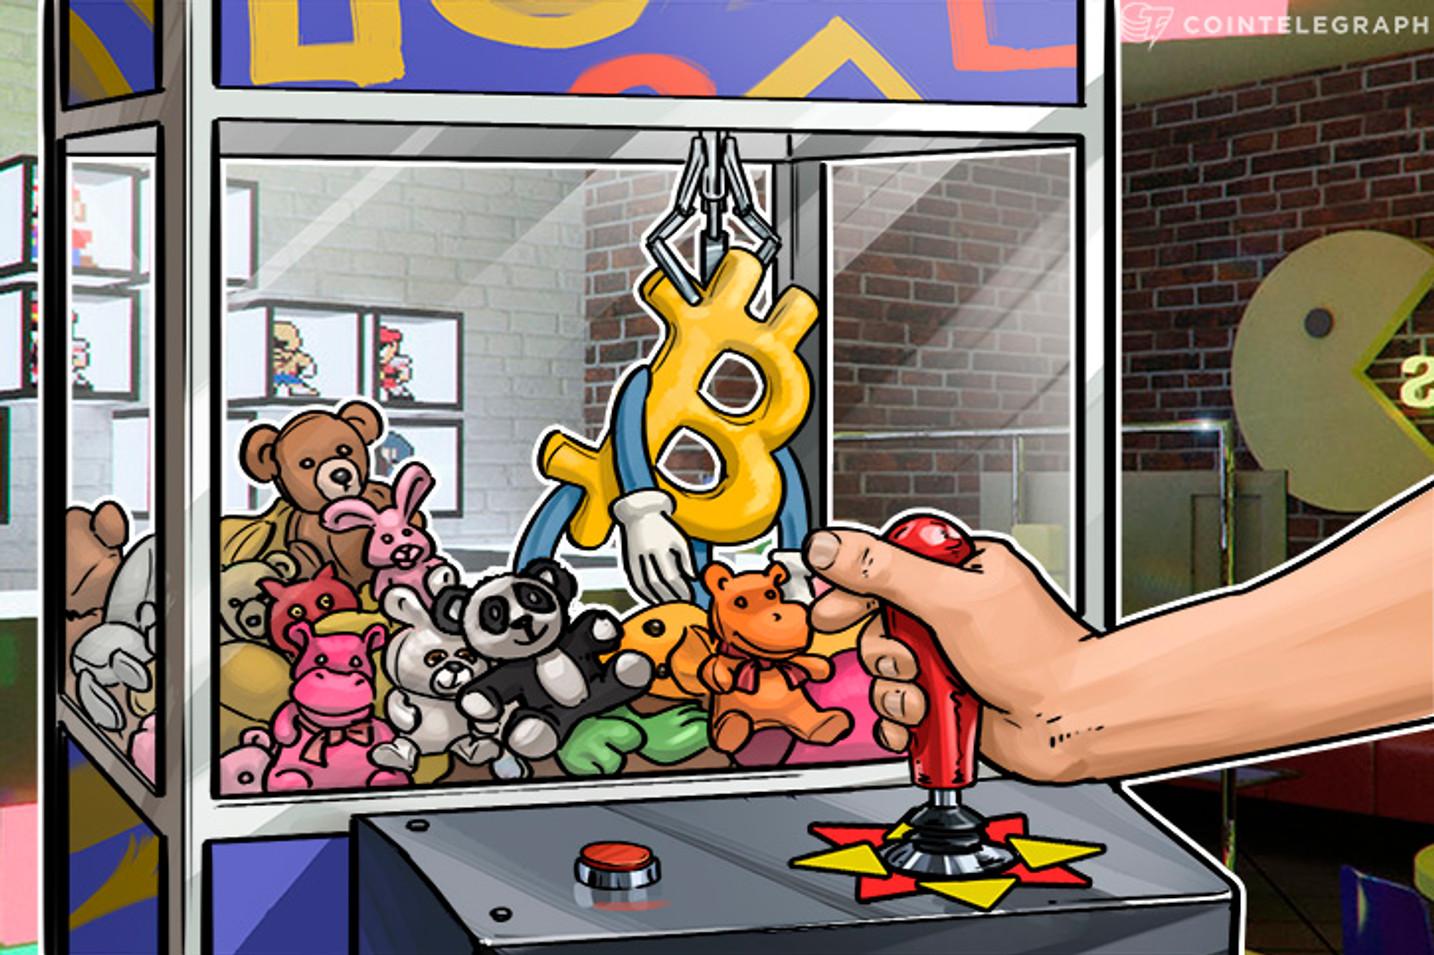 Descobrindo um Preço: Por que o Bitcoin vale o que vale?